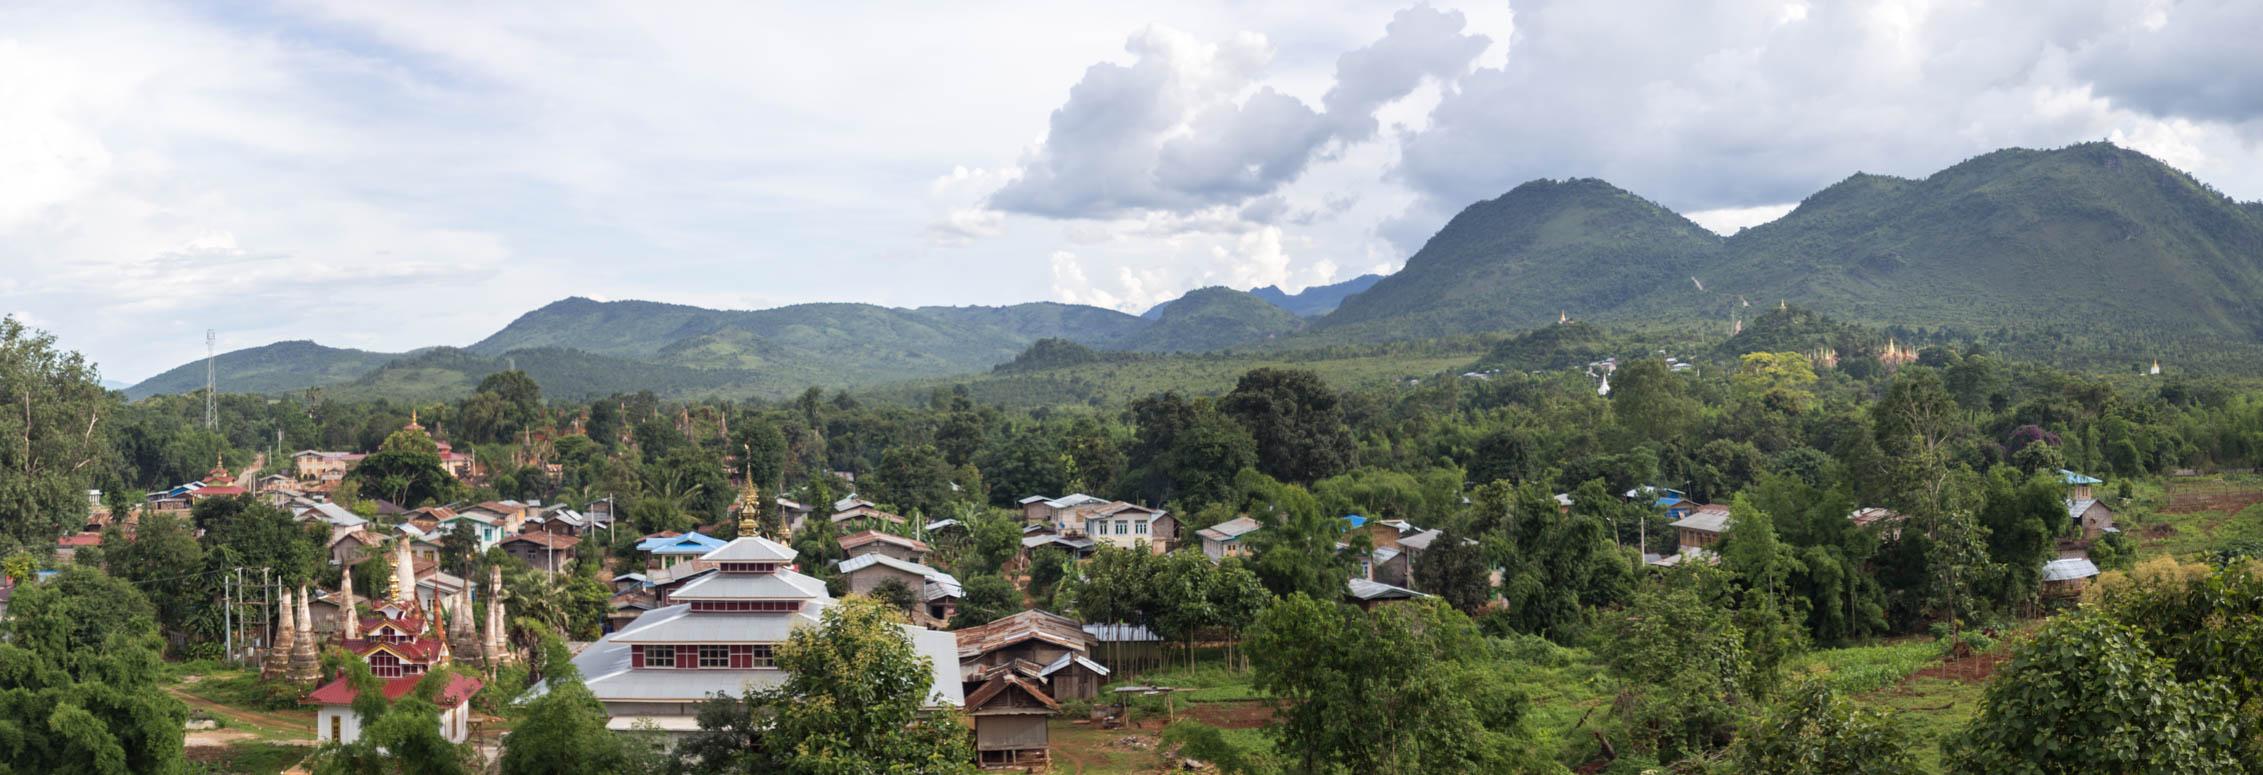 die Shwe-Oo-Min Pagode in der Ferne